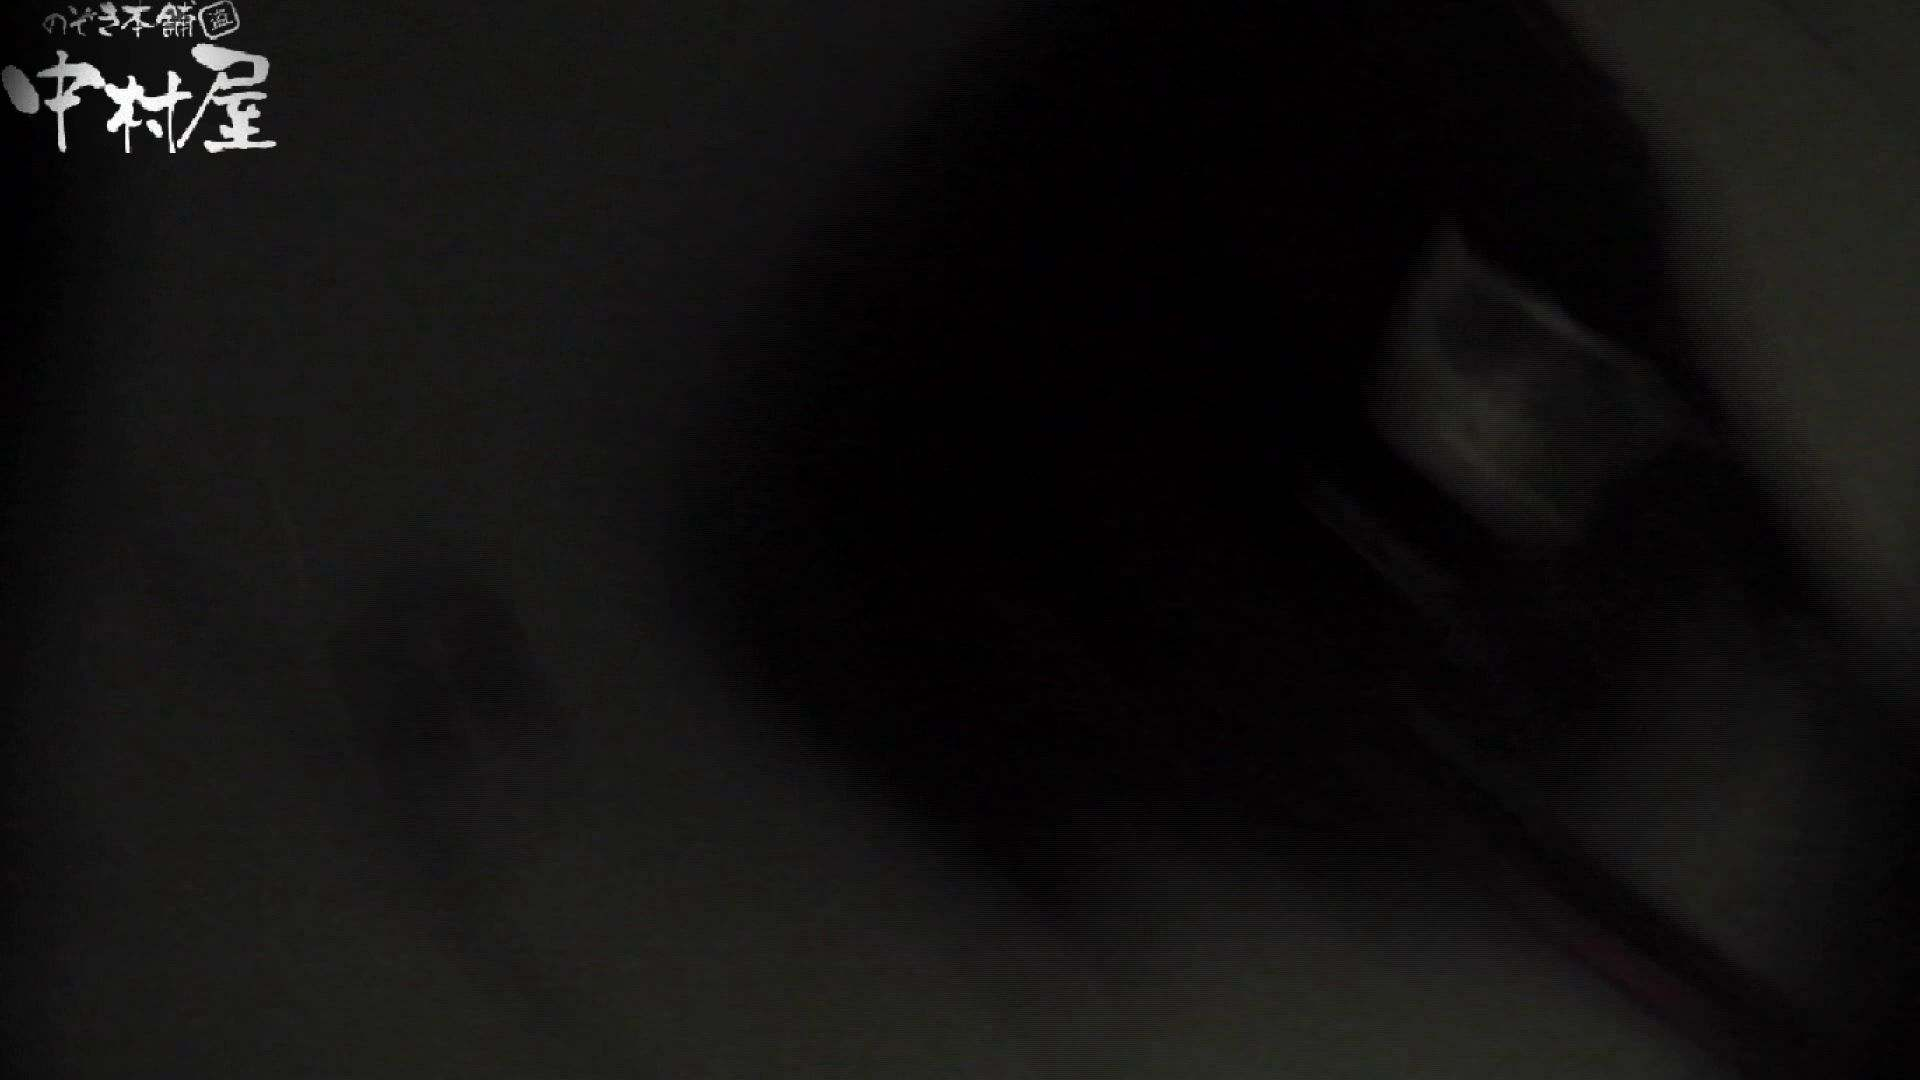 世界の射窓から vol.45 尻出しスマホ 後編 洗面所   OLセックス  60画像 31